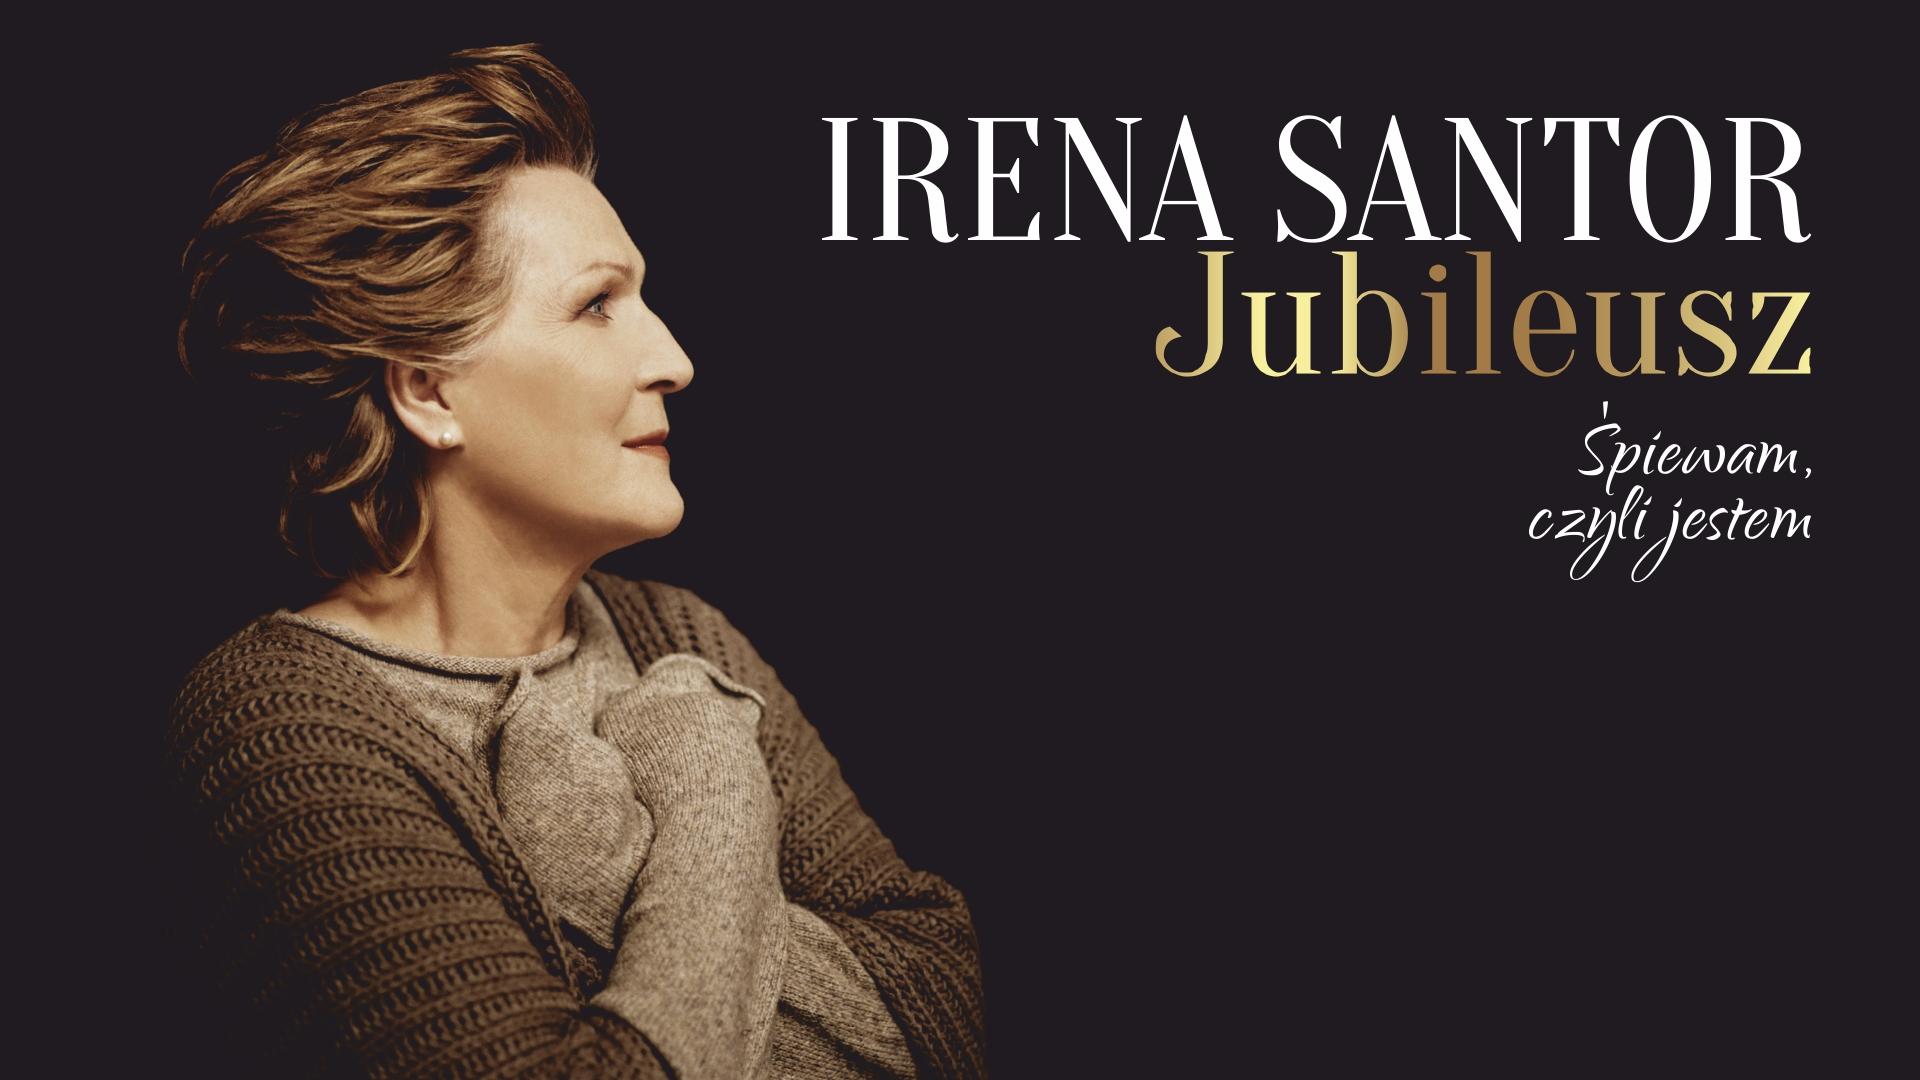 Wydarzenie Zewnętrzne Irena Santor Jubileusz śpiewam